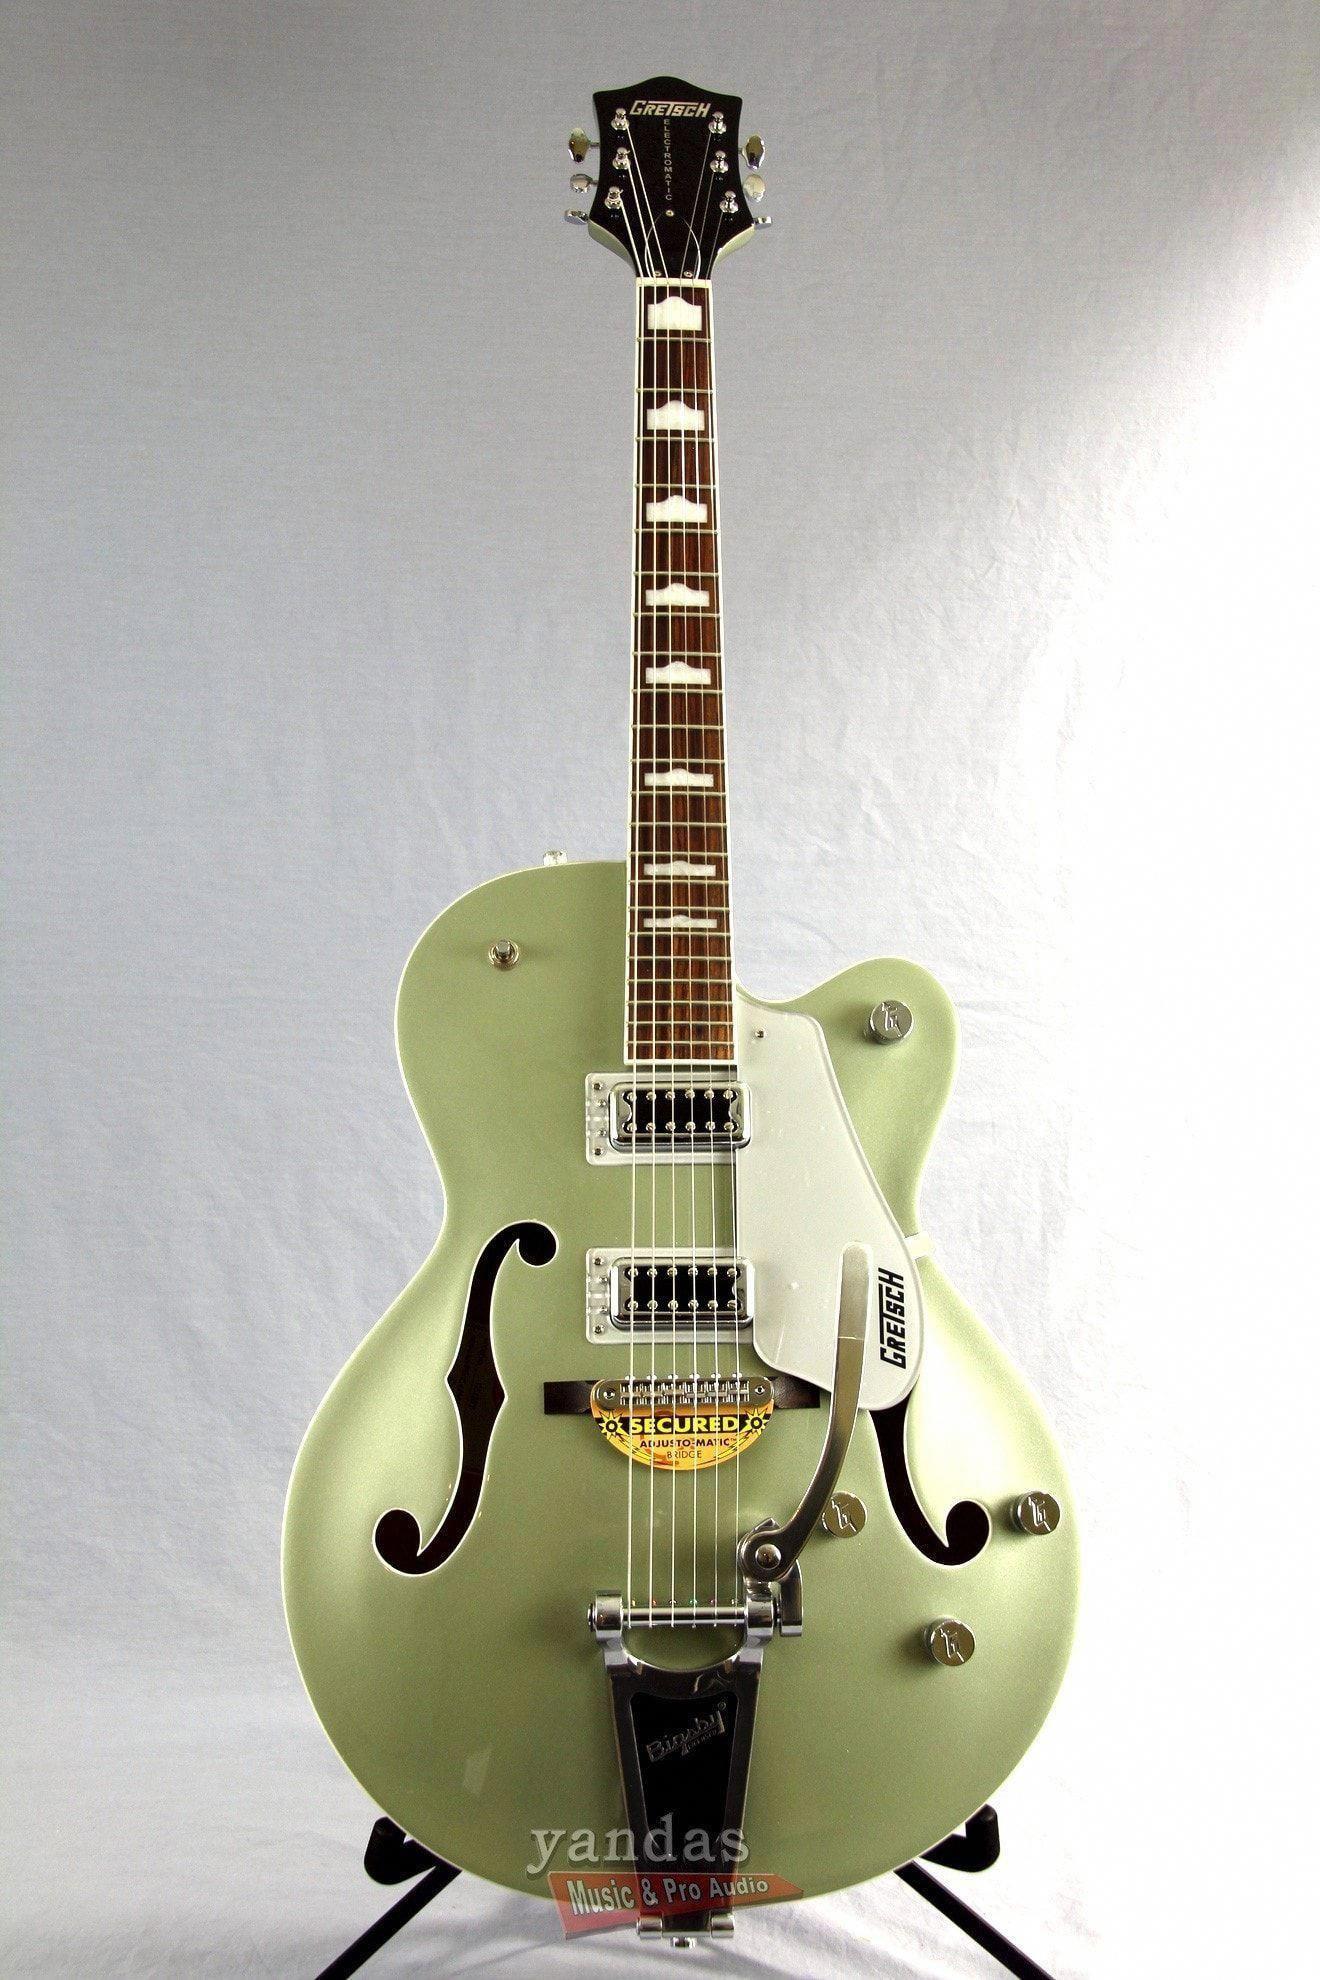 28 finest gretsch guitar tuning pegs gretsch guitars g2420